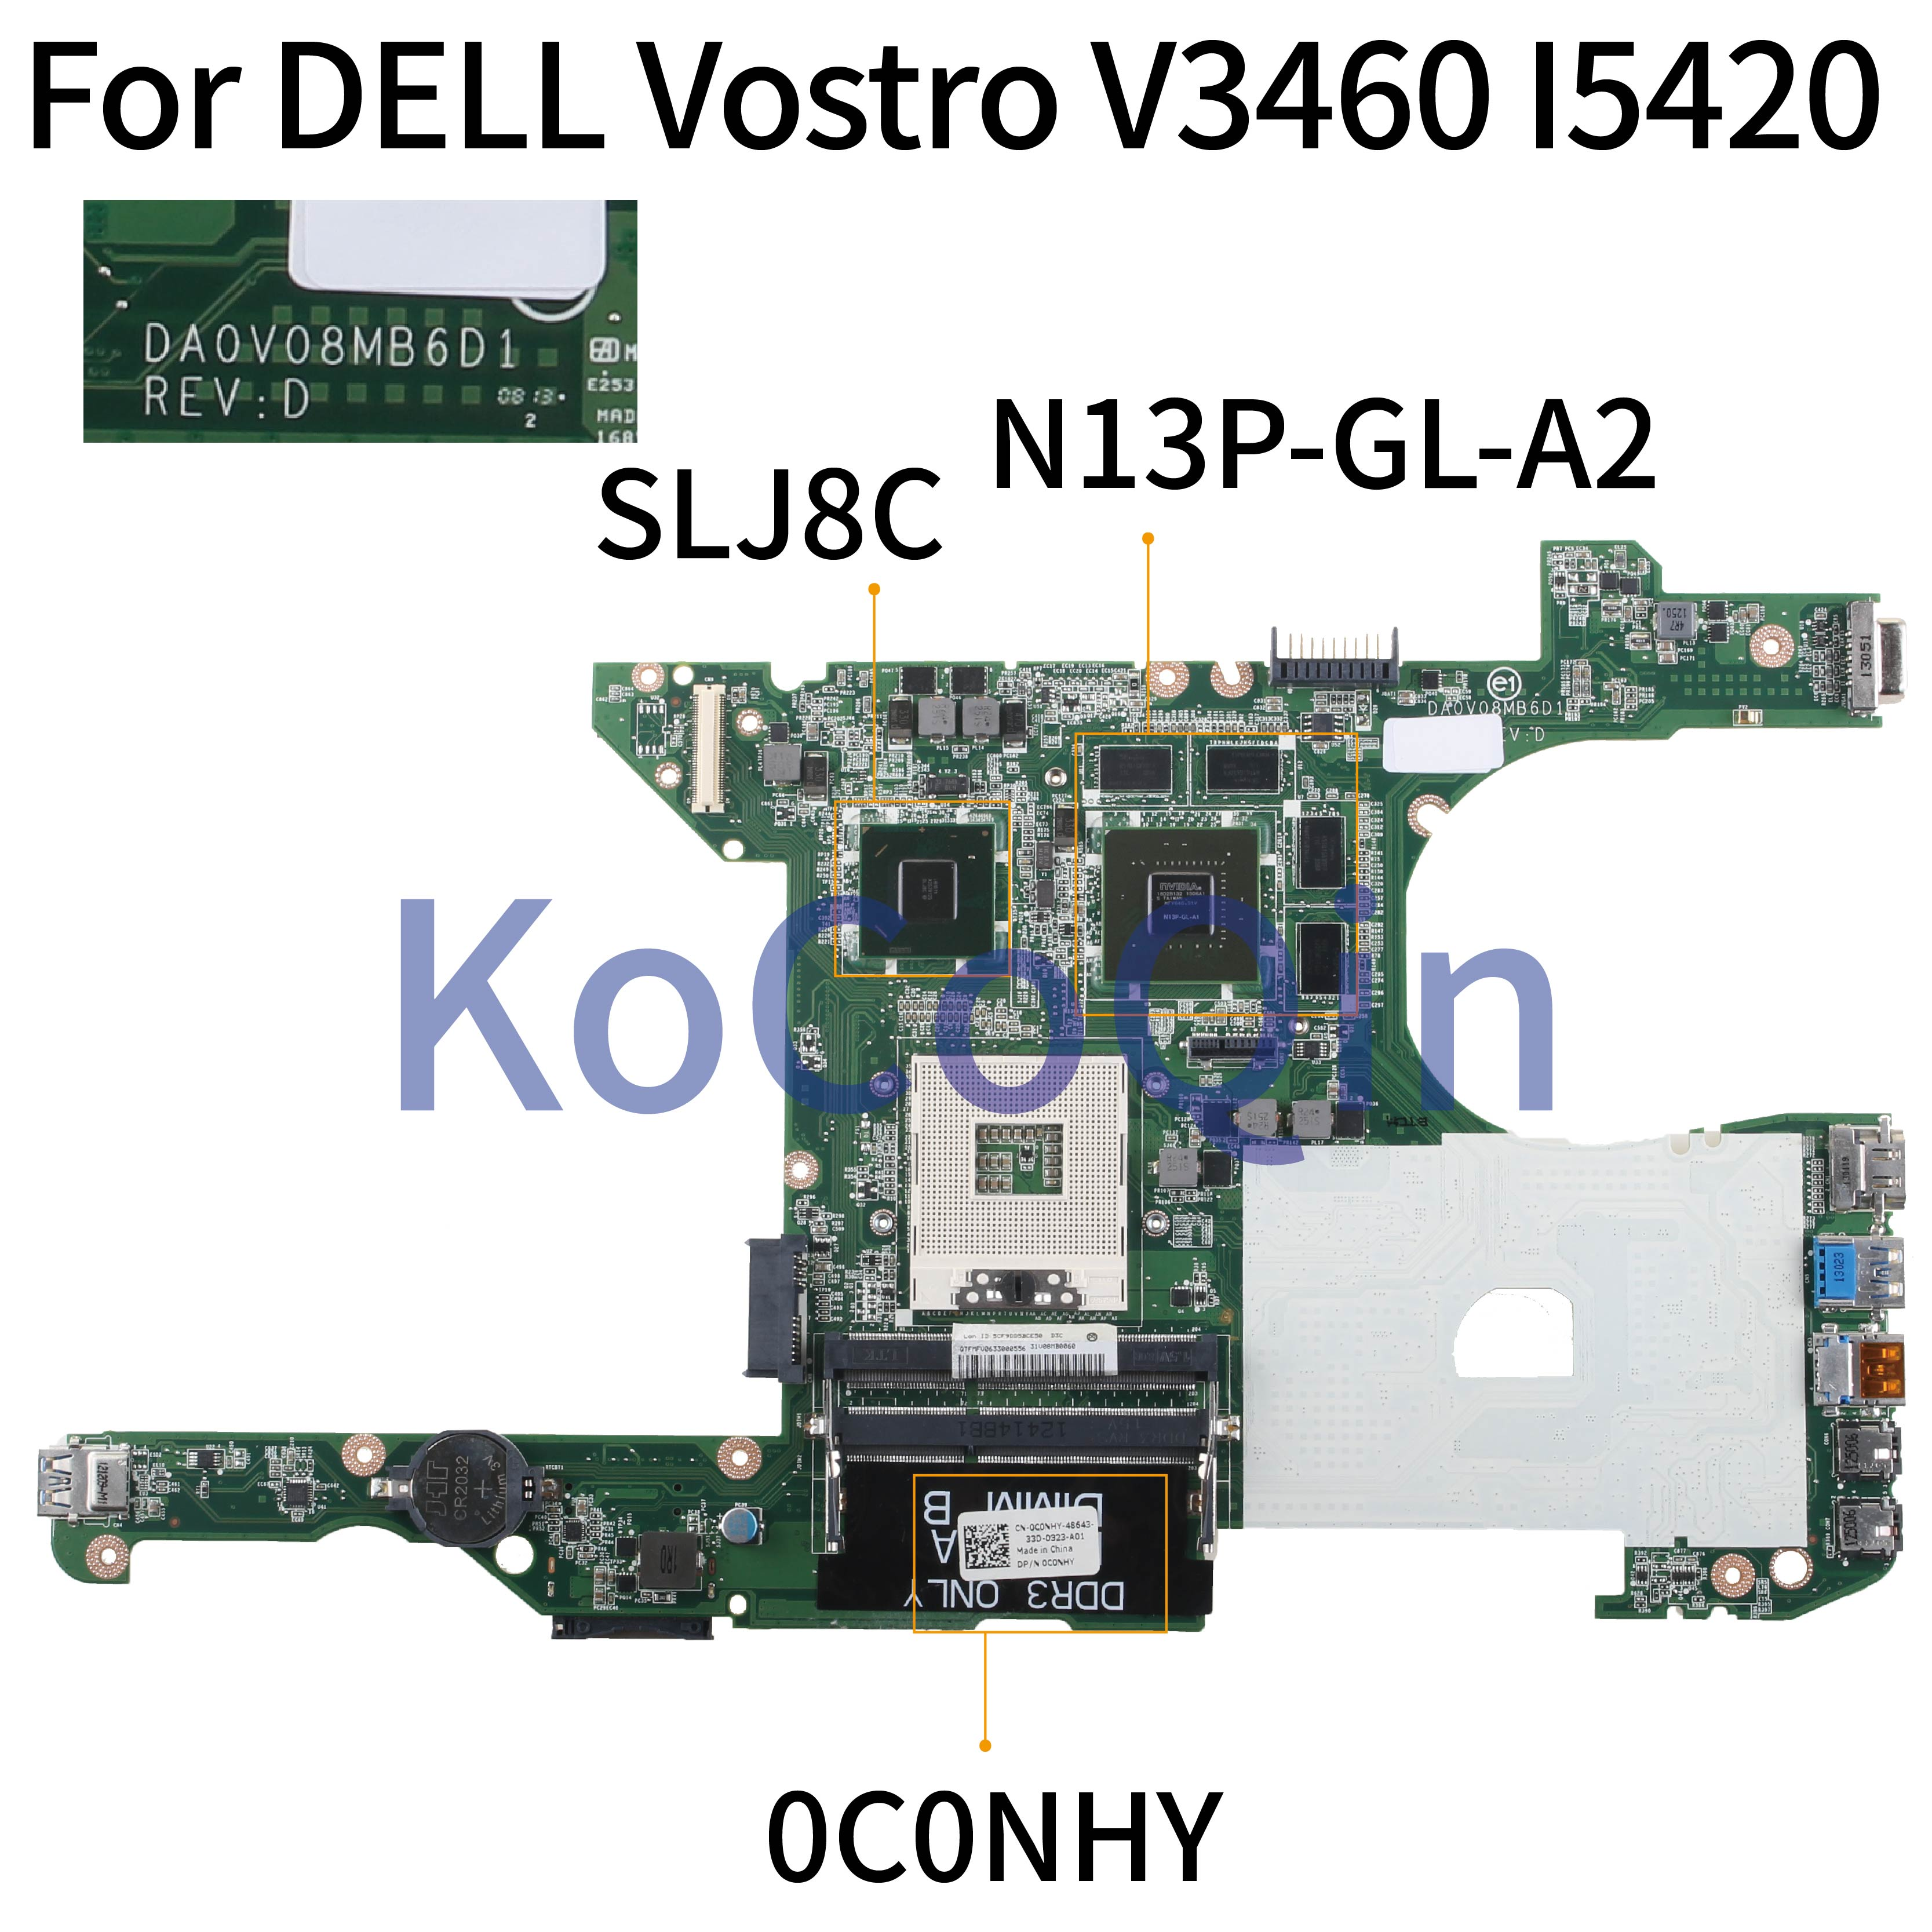 KoCoQin Laptop Motherboard For DELL Vostro V3460 I5420  SLJ8C Mainboard DA0V08MB6D1 0C0NHY N13P-GL-A2